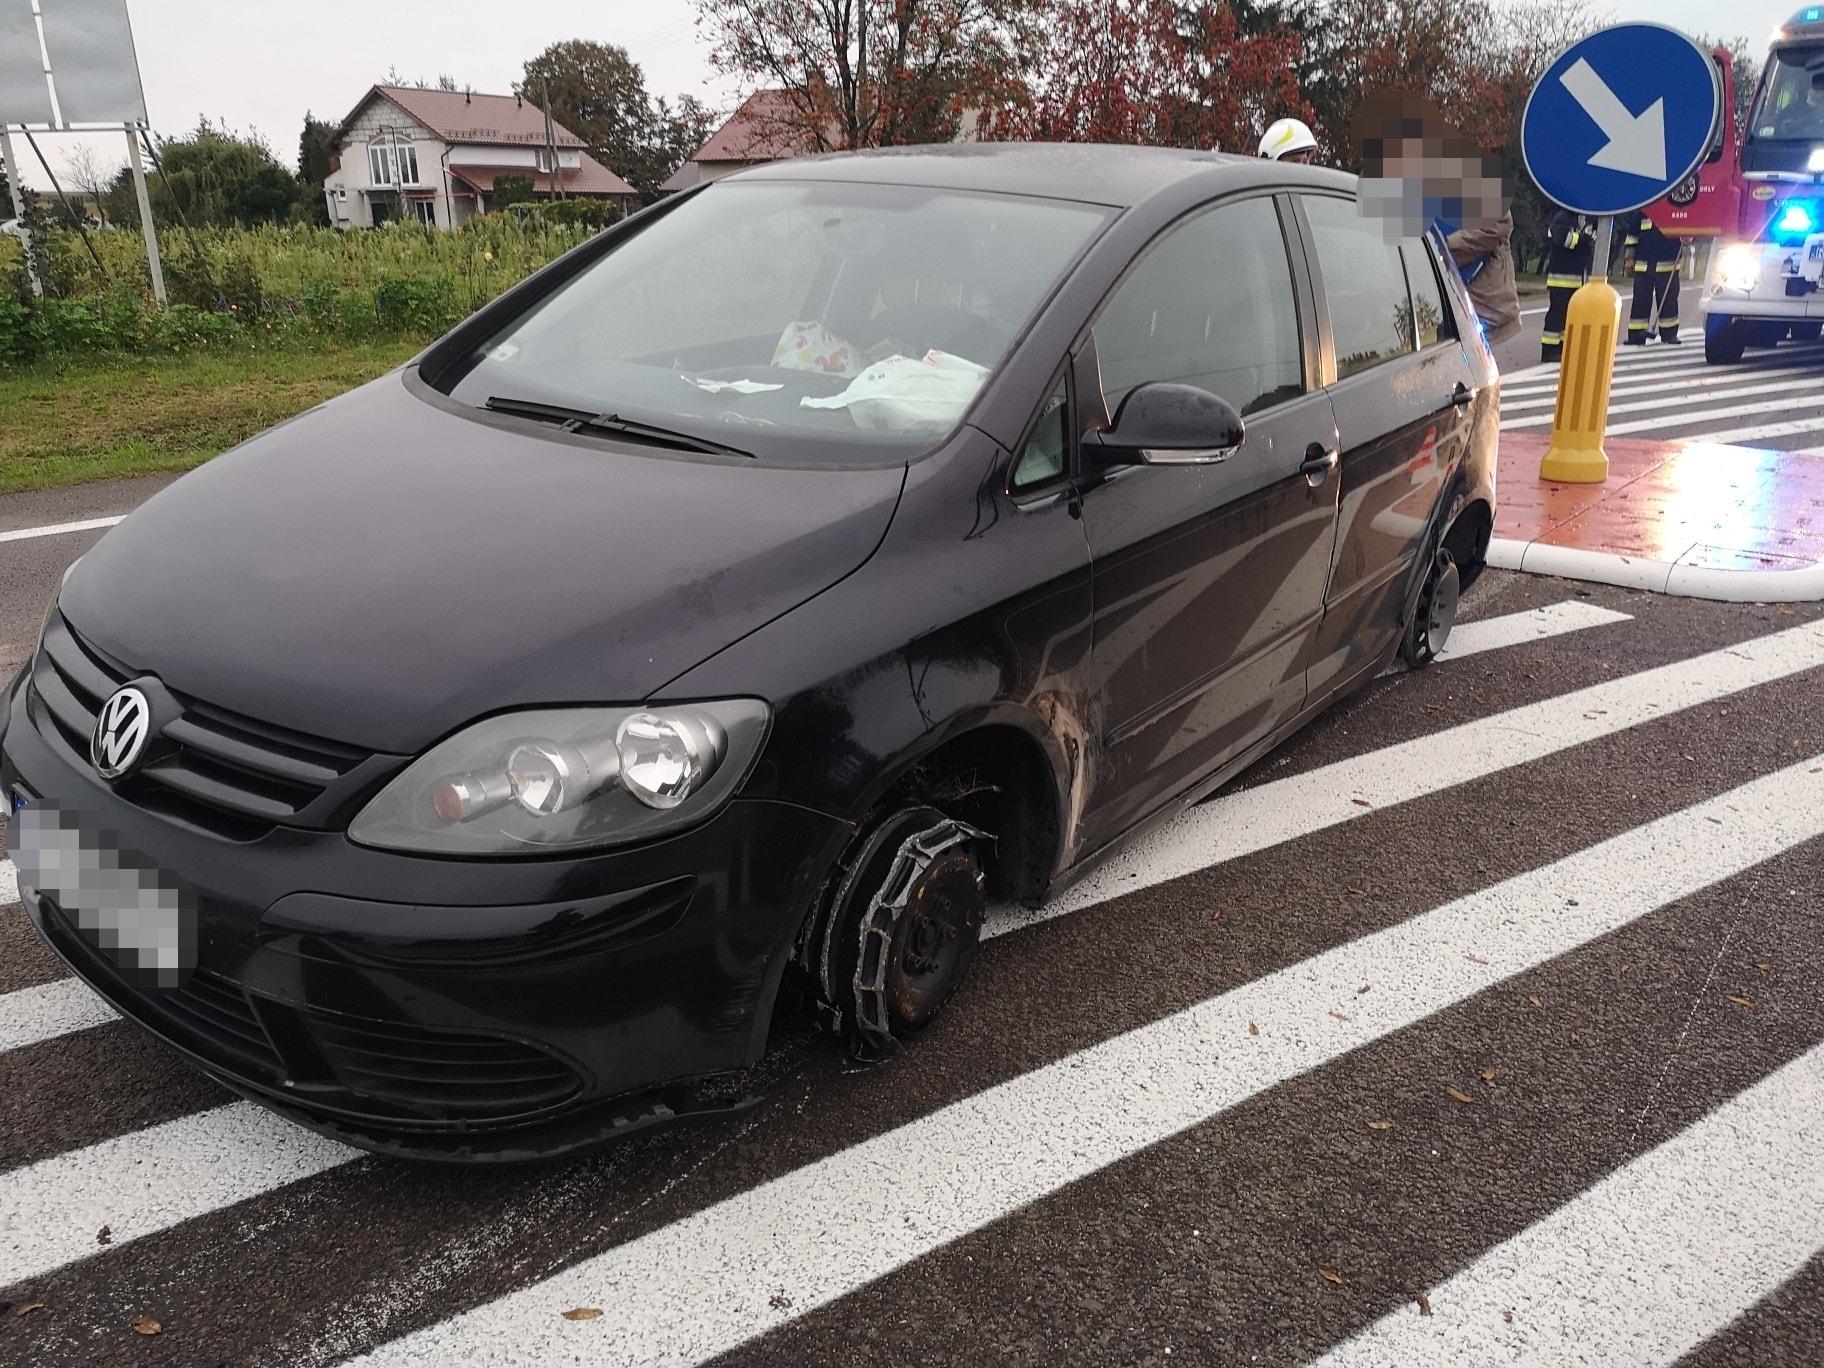 Kierowca jechał mimo braku dwóch opon